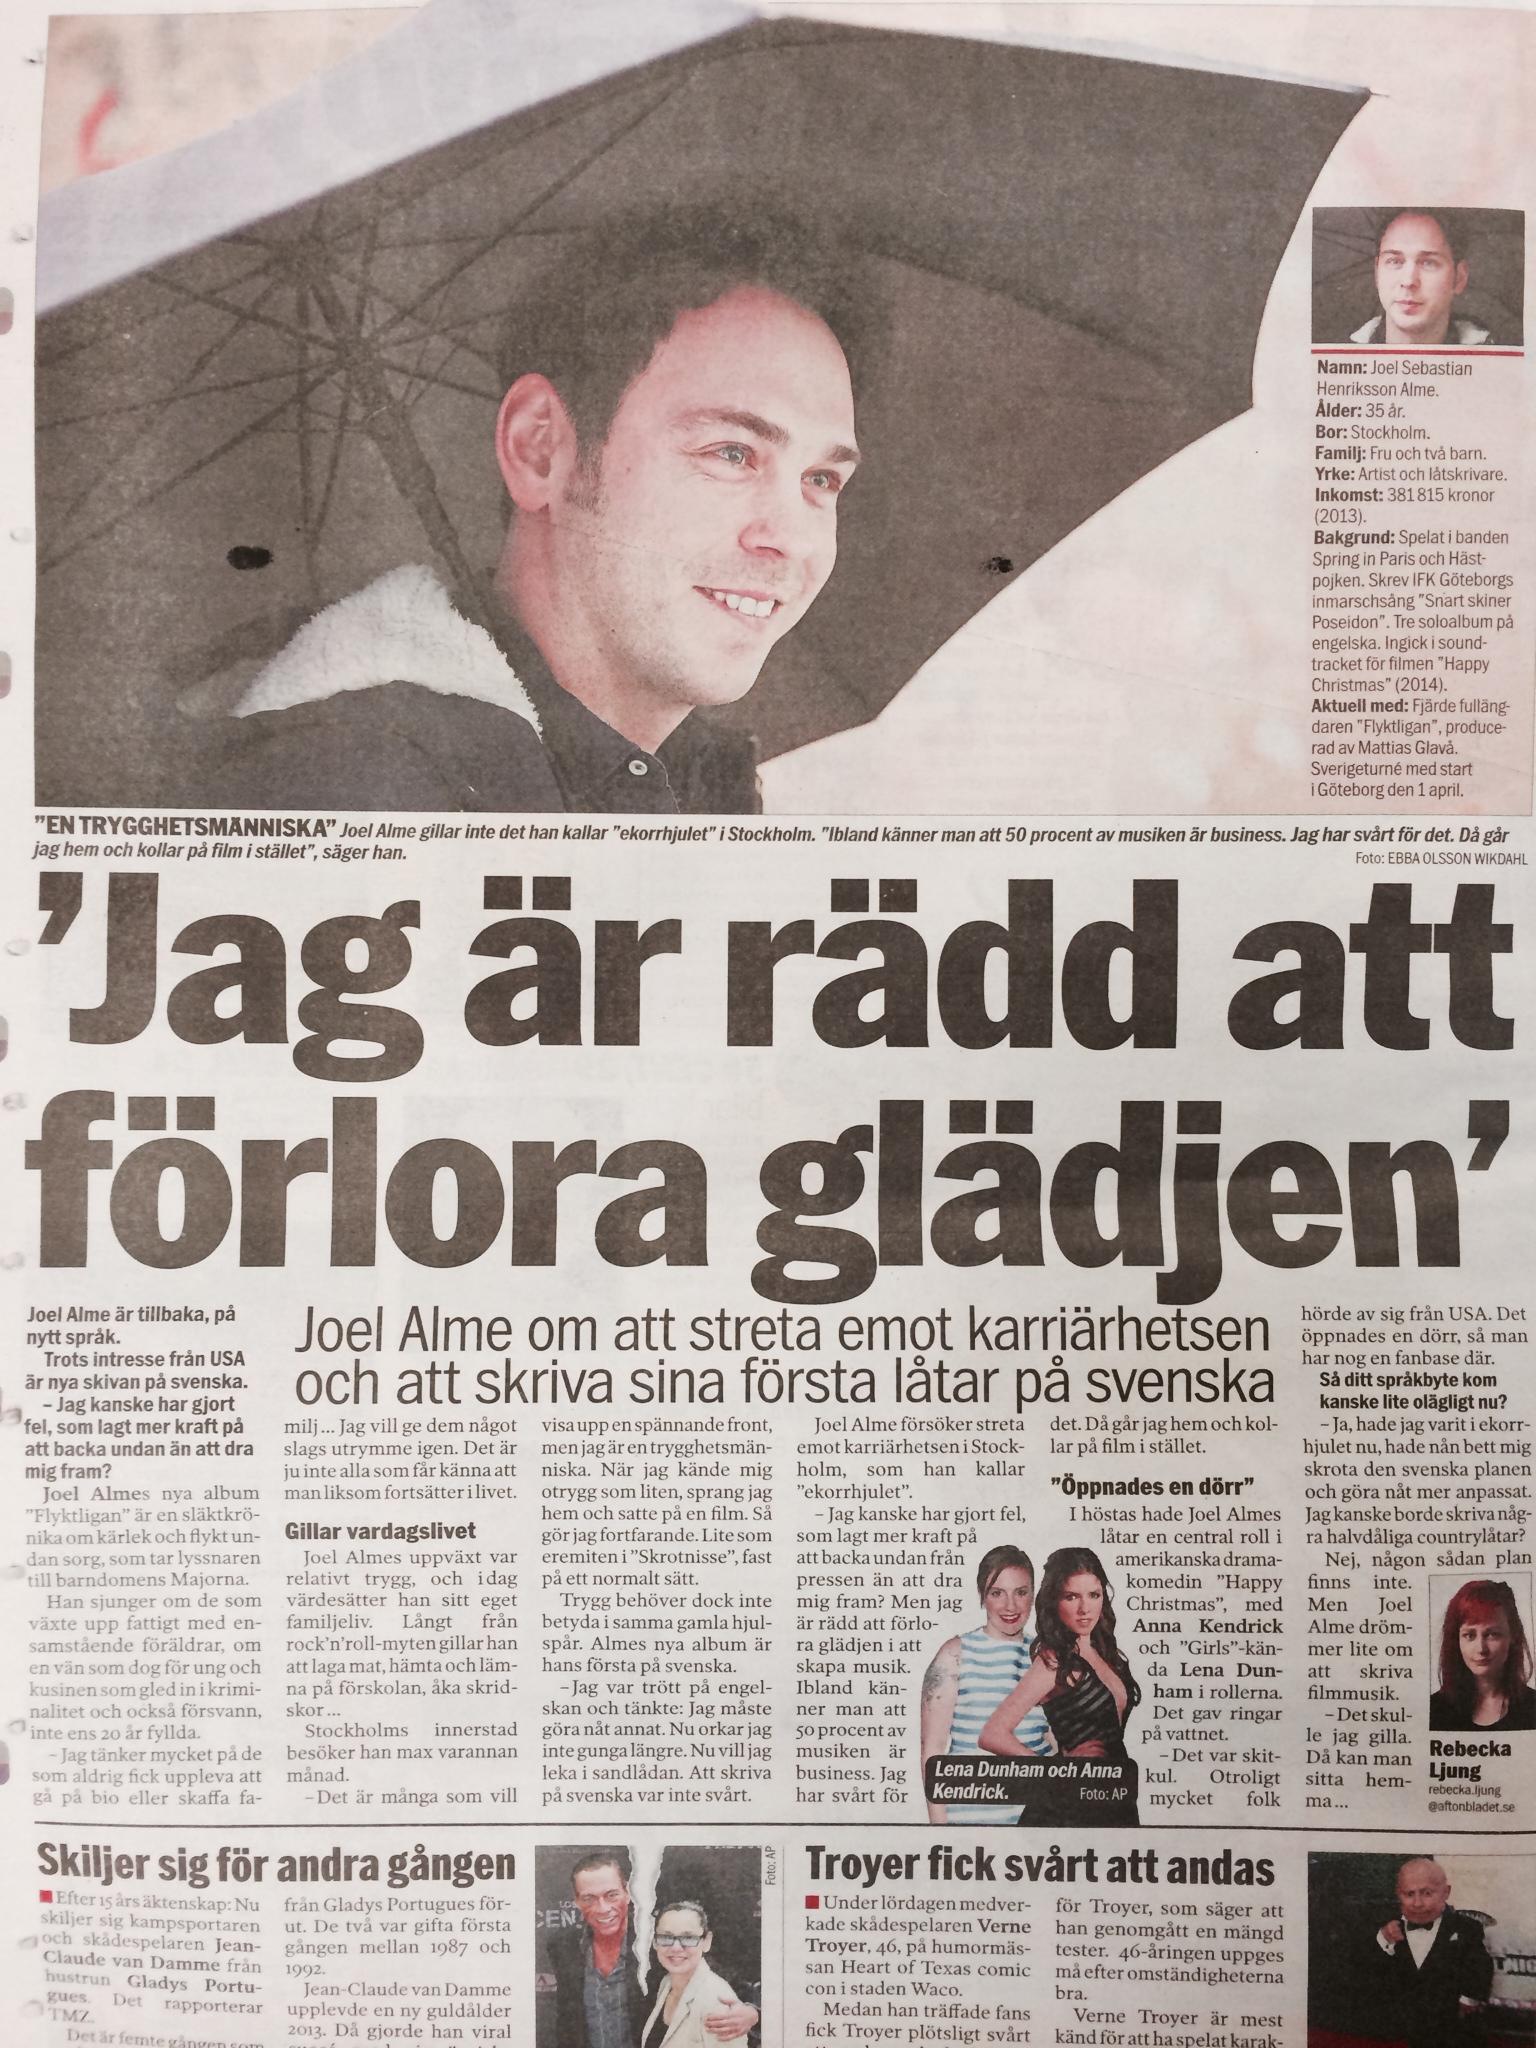 Joel Alme intervju AB.jpg